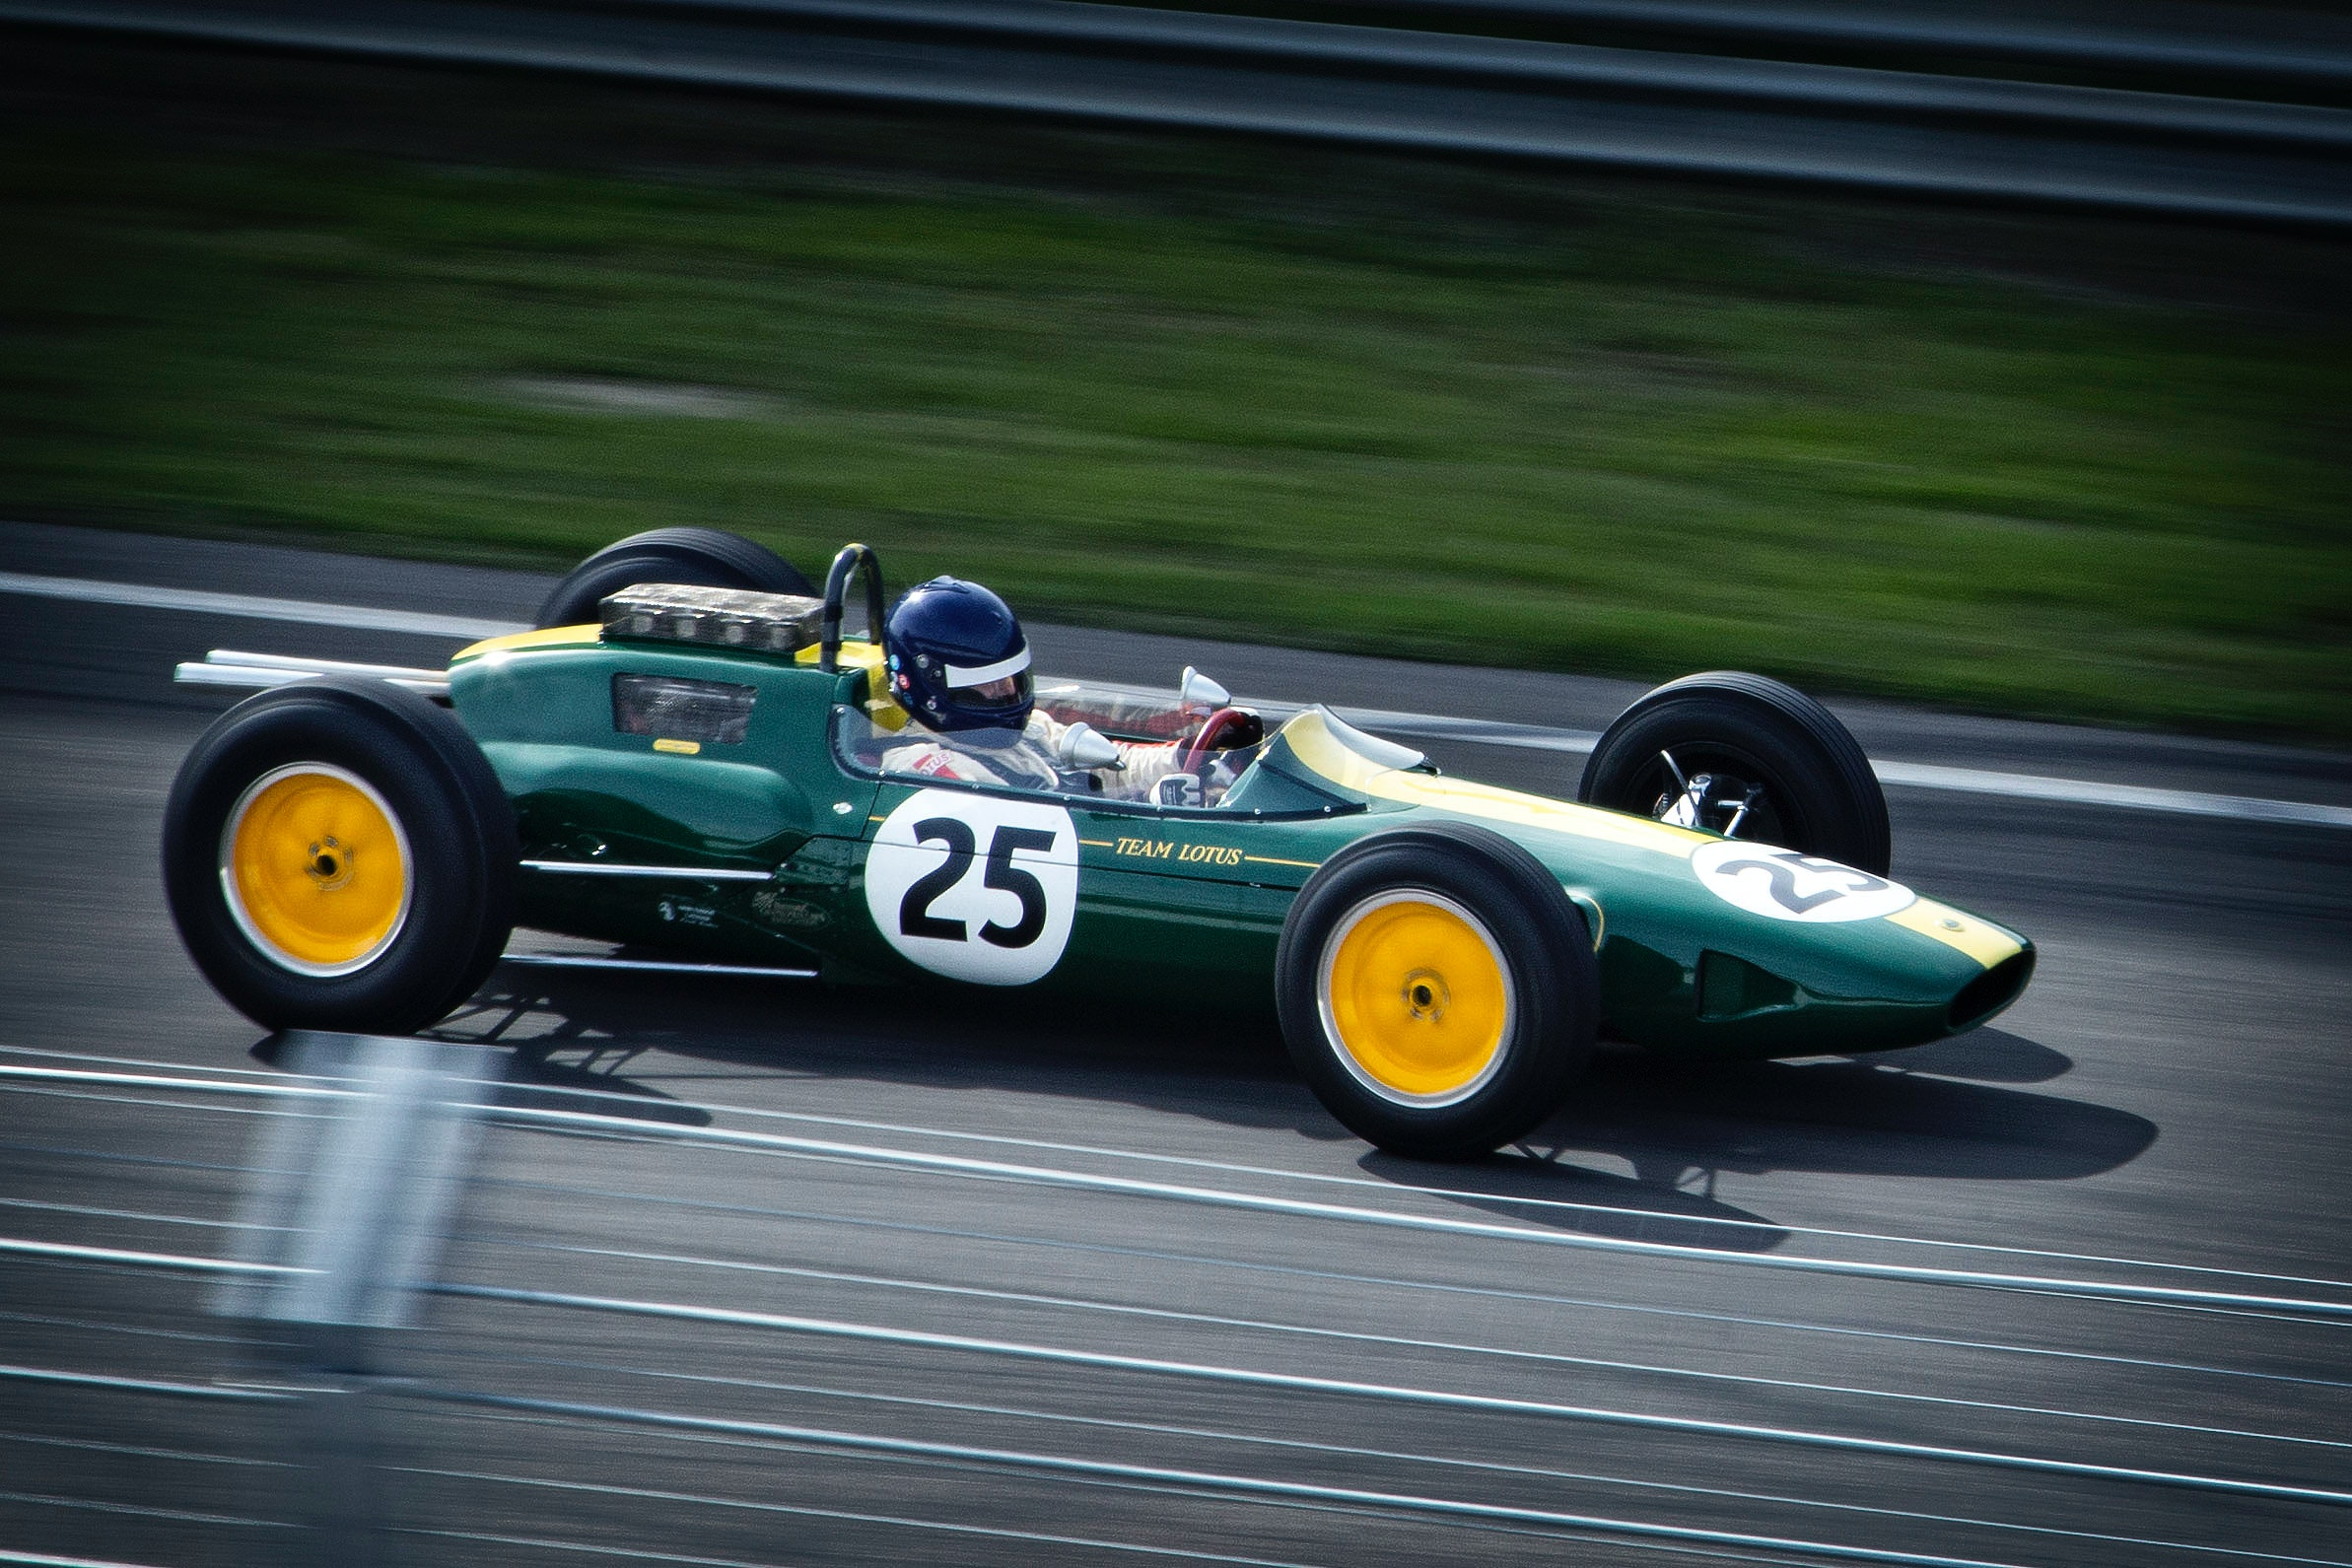 Free stock photos of racing car · Pexels